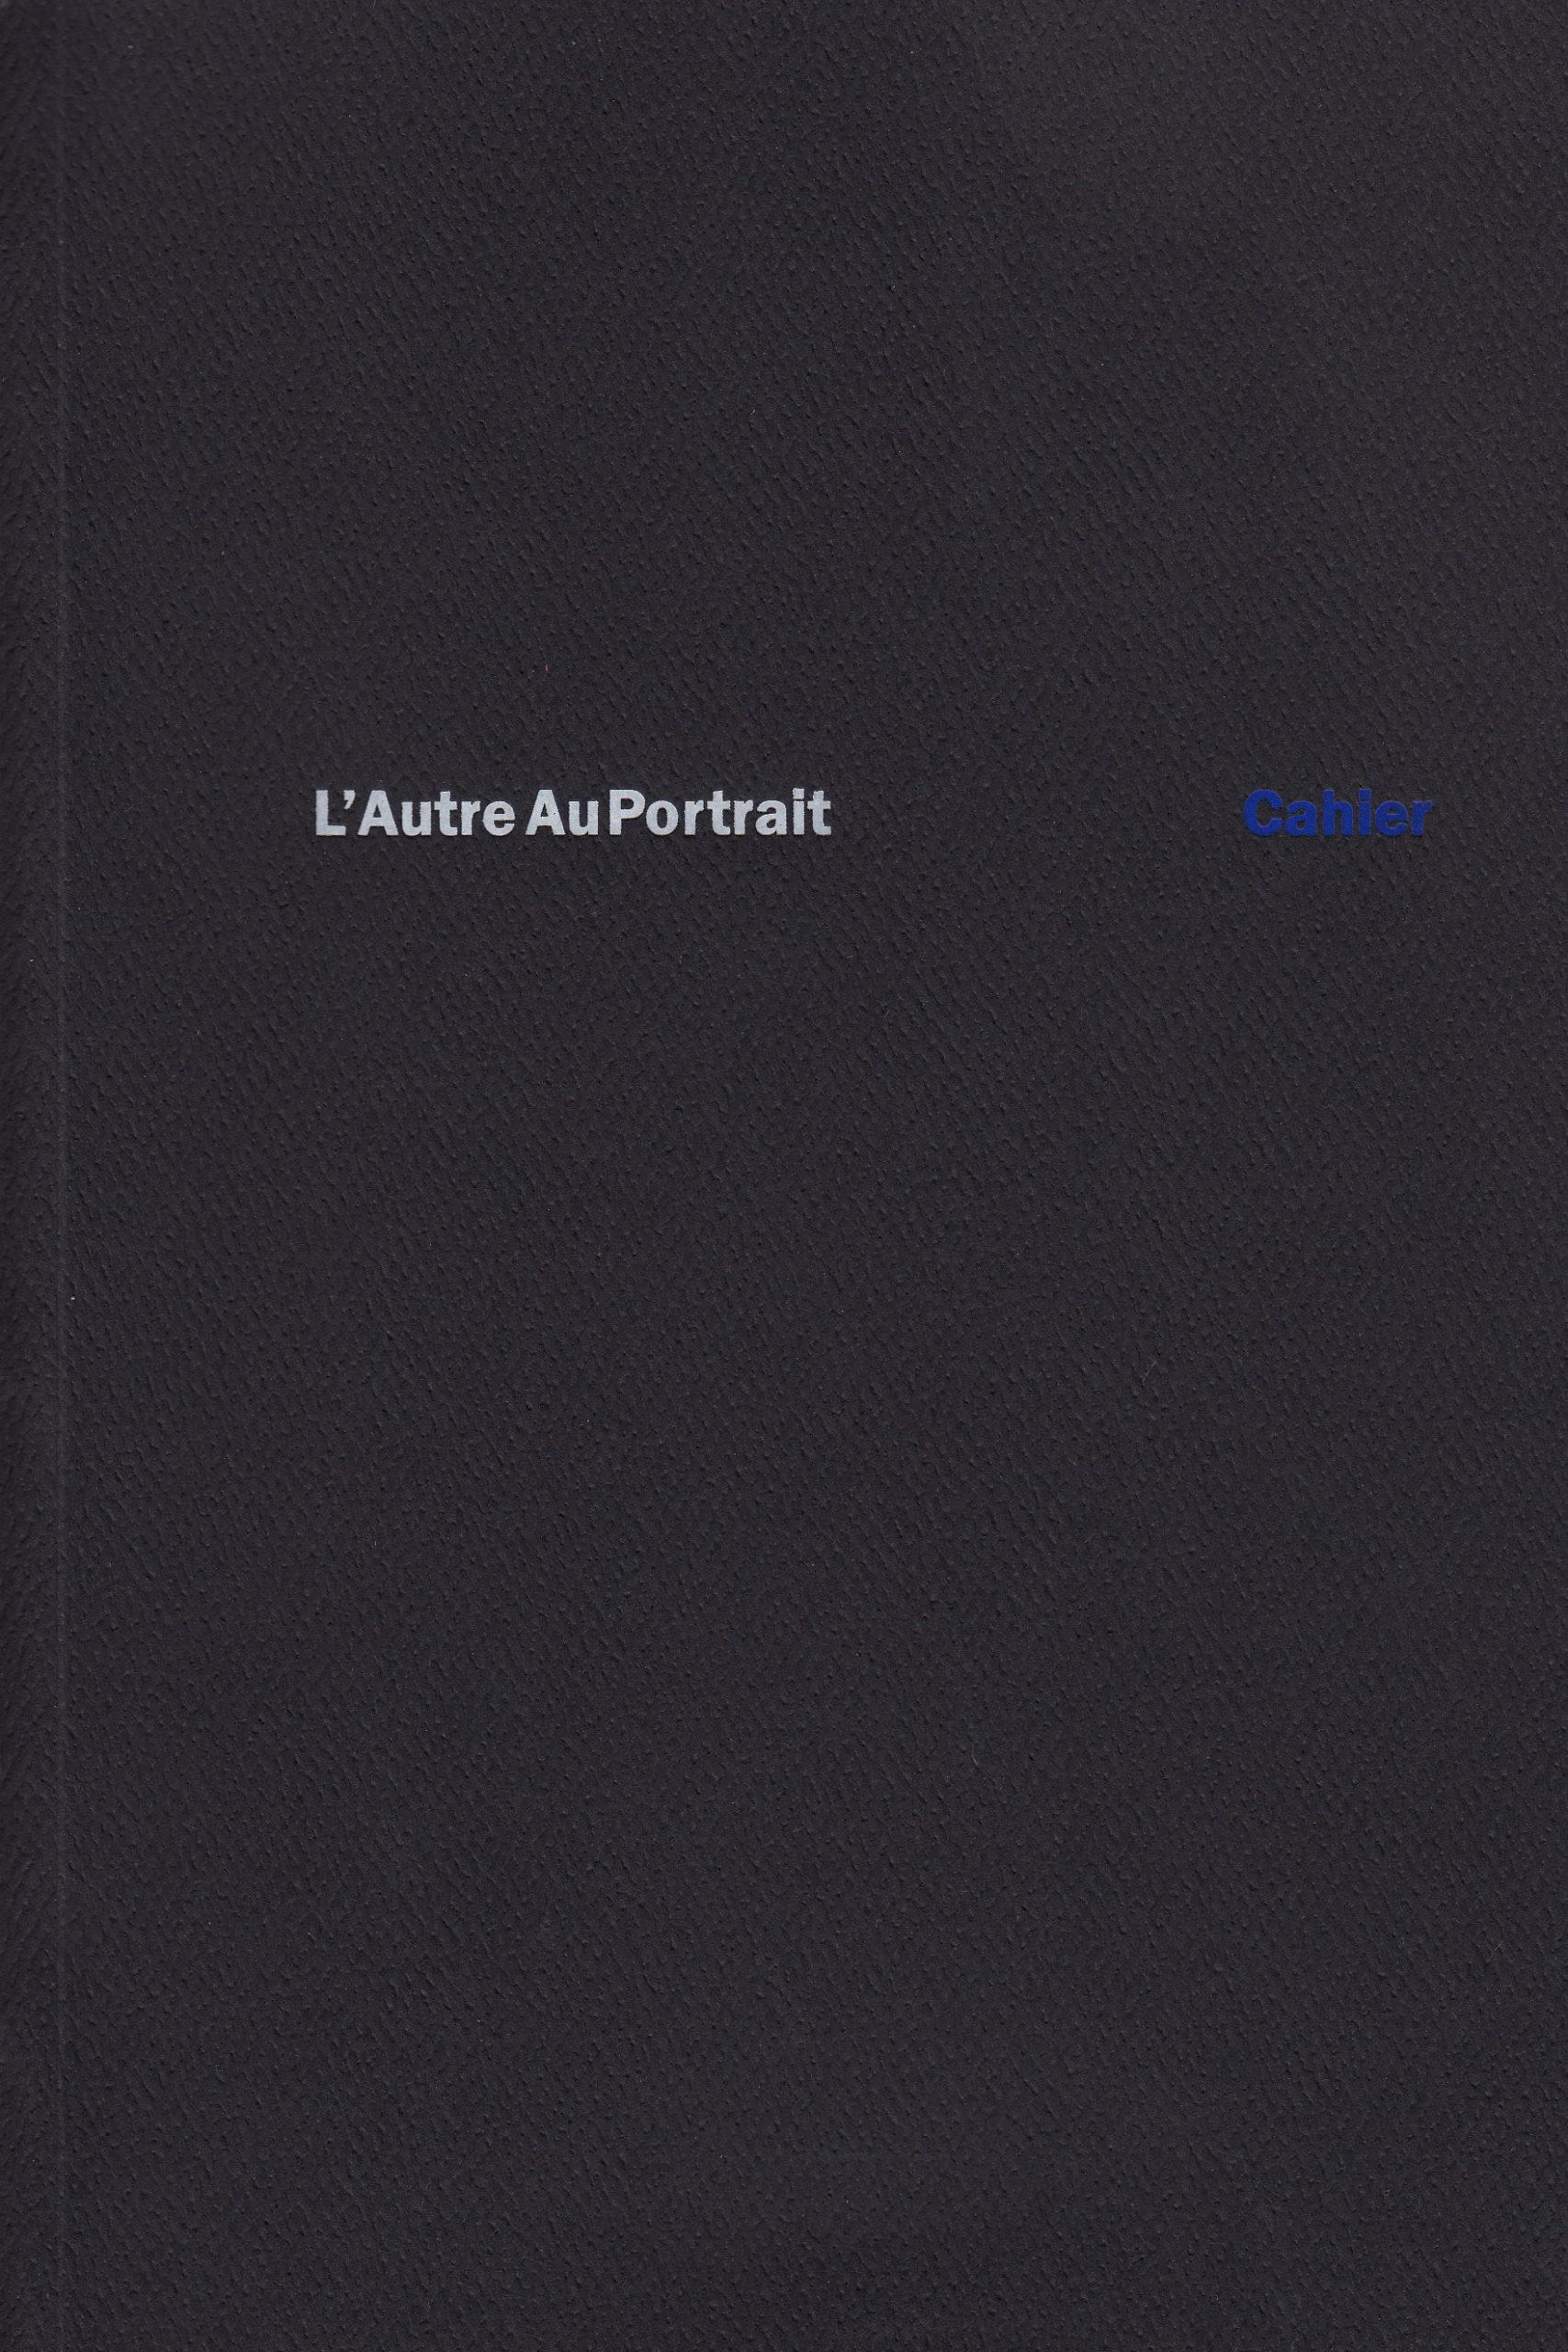 L'AUTRE AU PORTRAIT, 2008